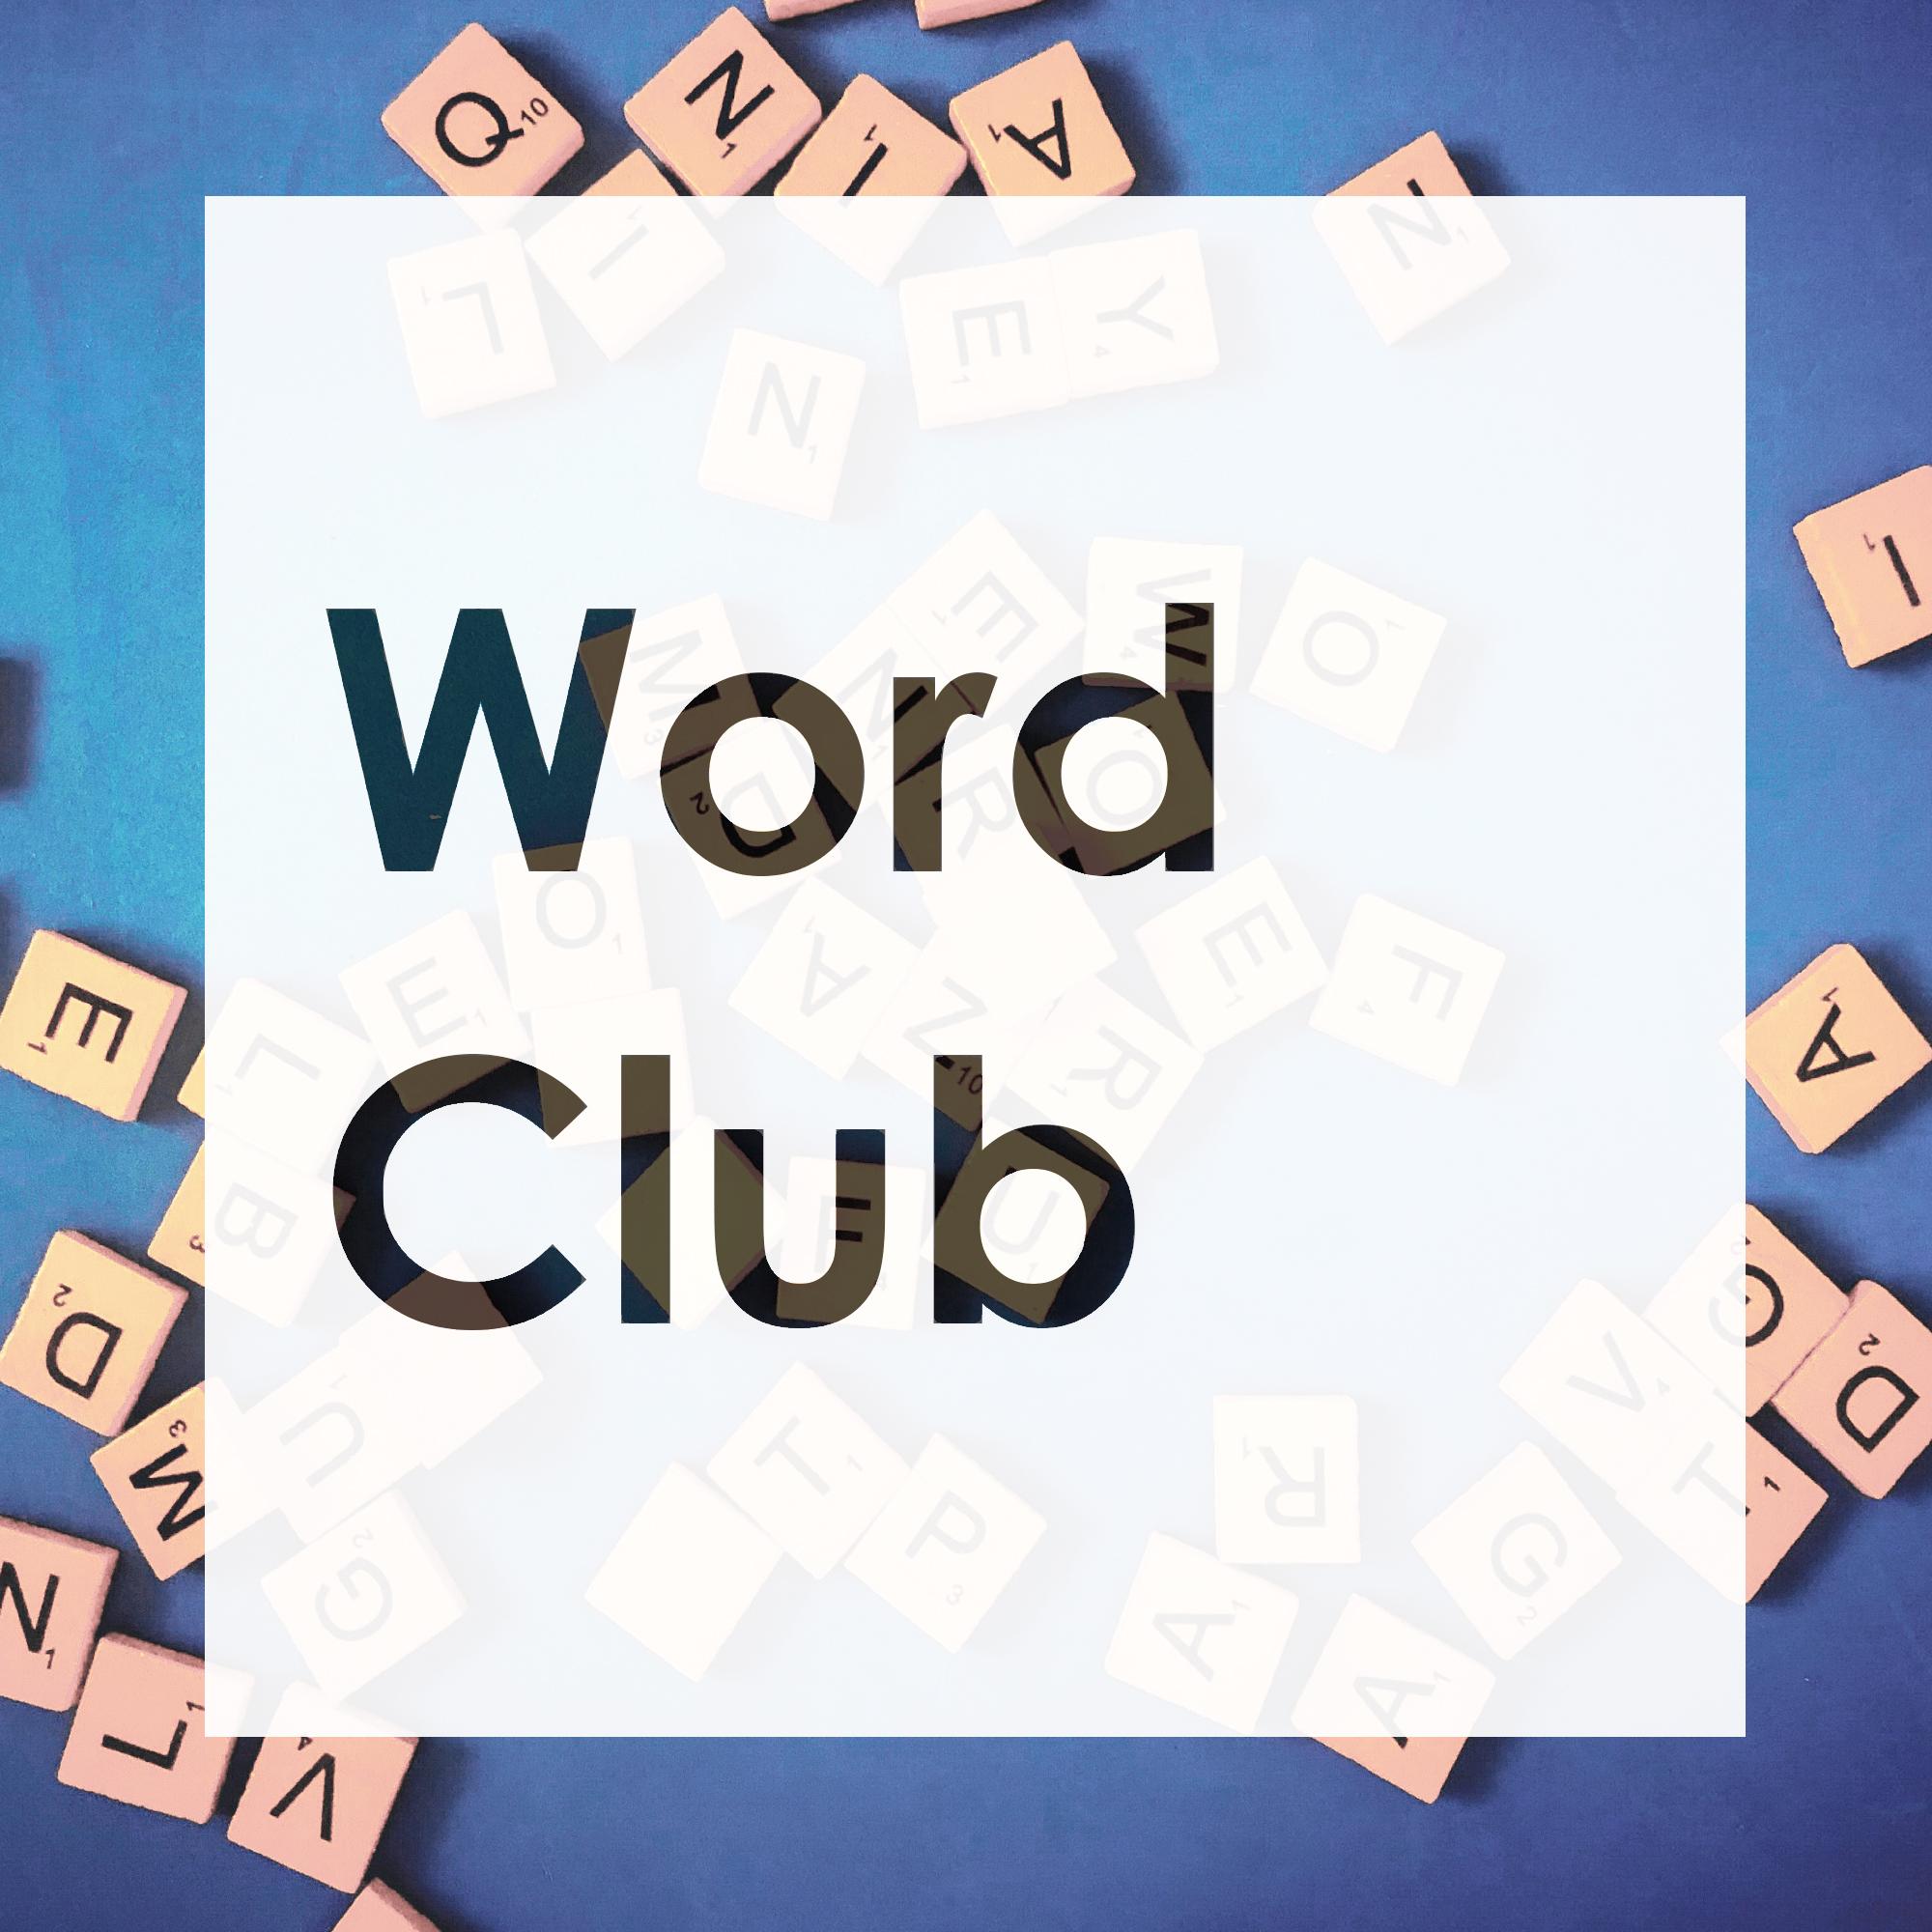 Word Club